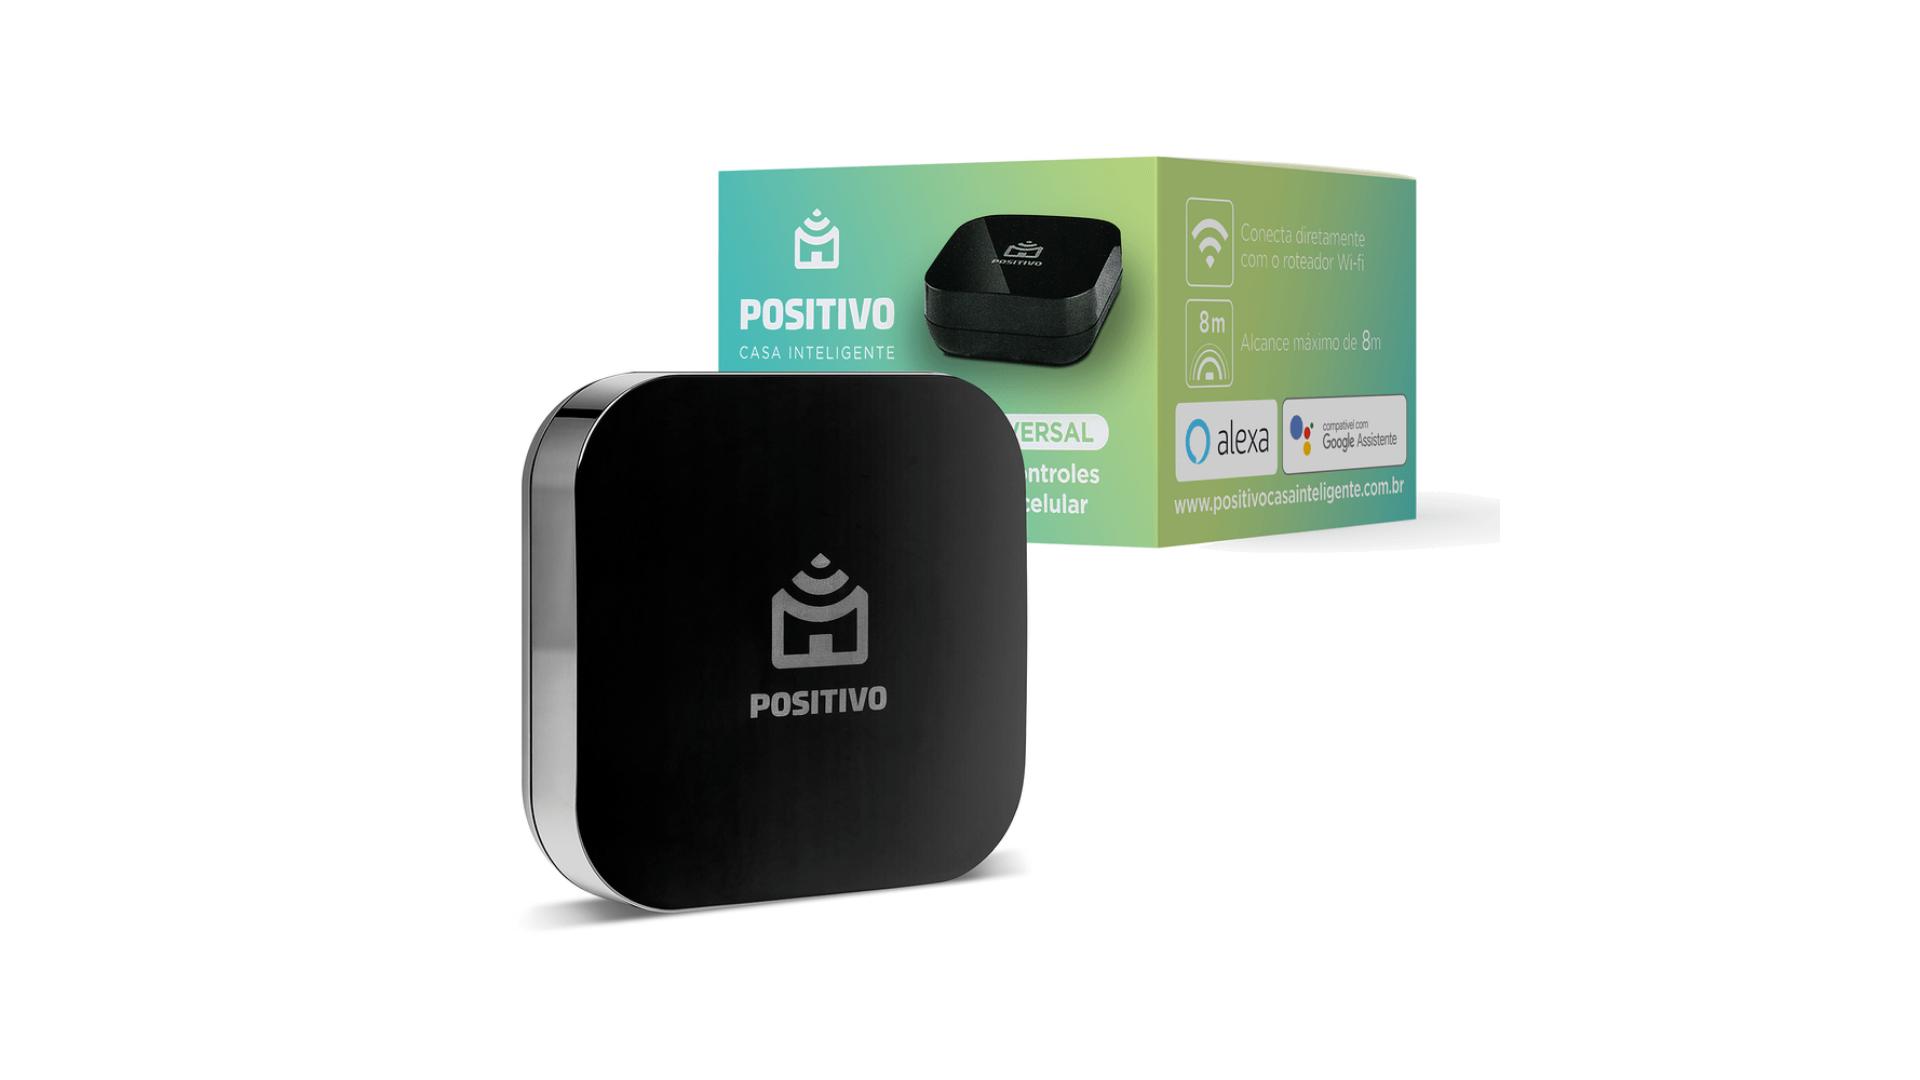 Veja como usar o smart controle universal da Positivo na sua casa inteligente. (Imagem: Divulgação/Positivo)